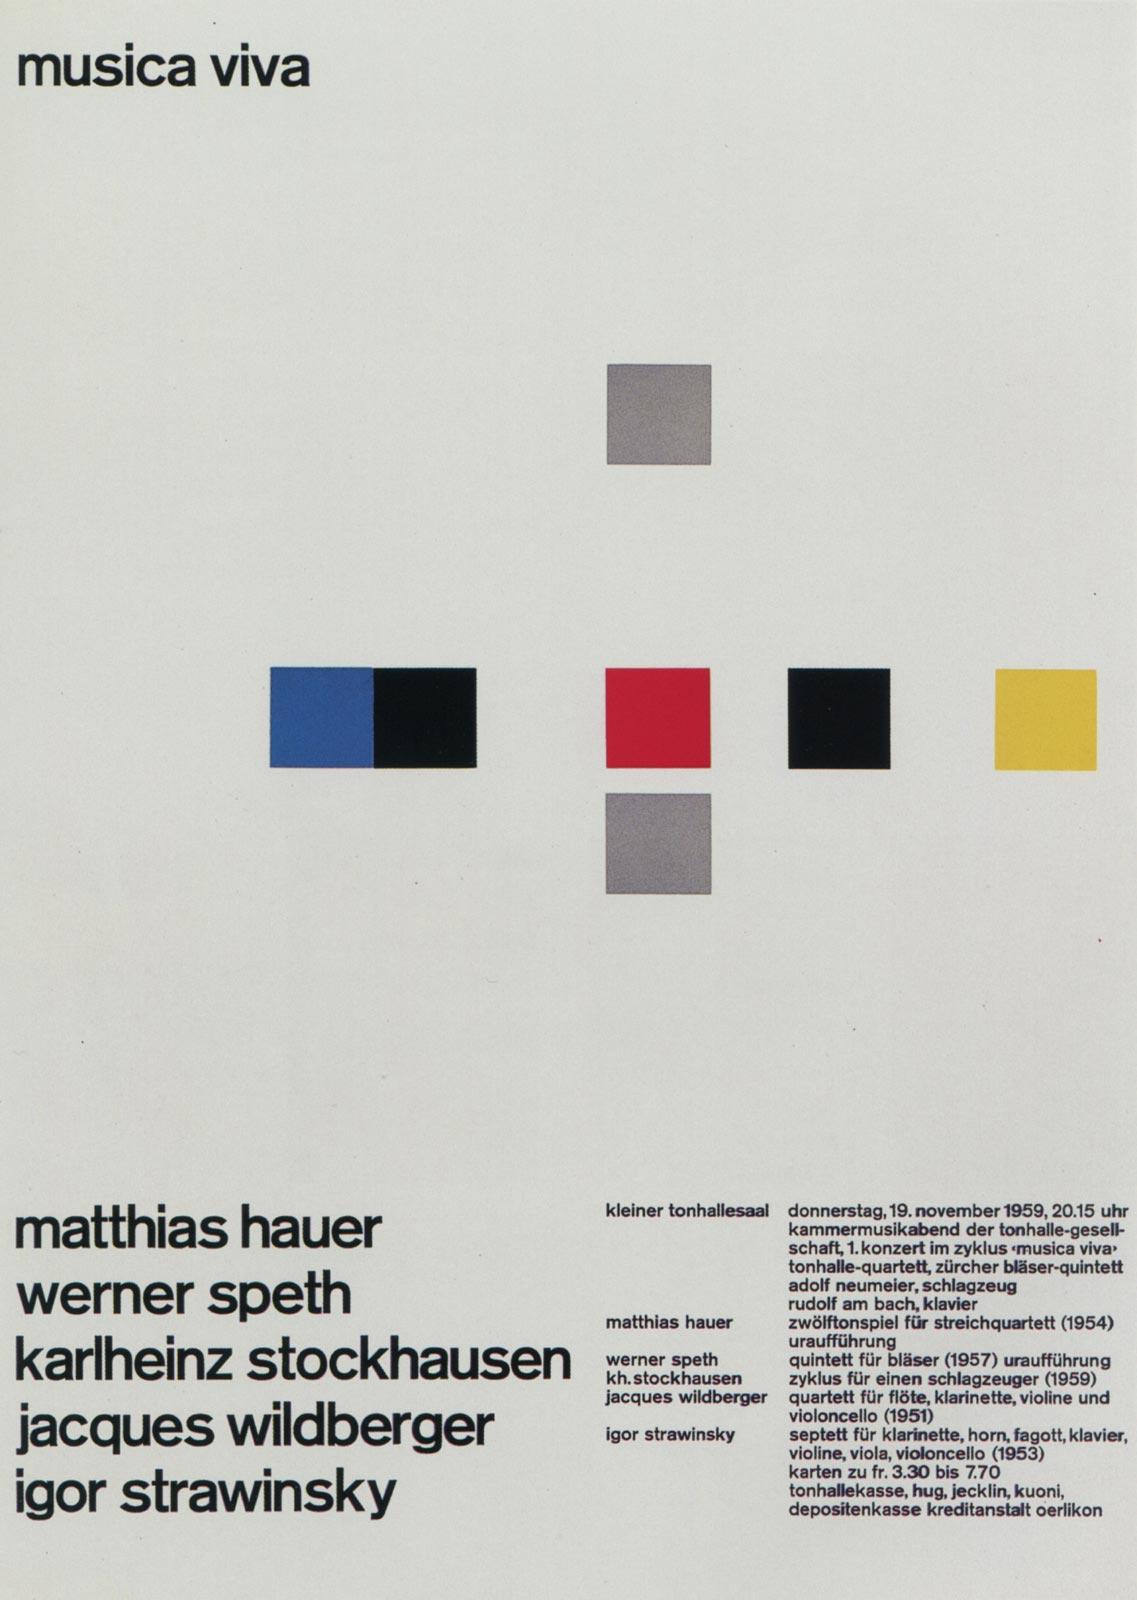 7. Zurich Tonhalle. musica viva. Concert poster, 1959